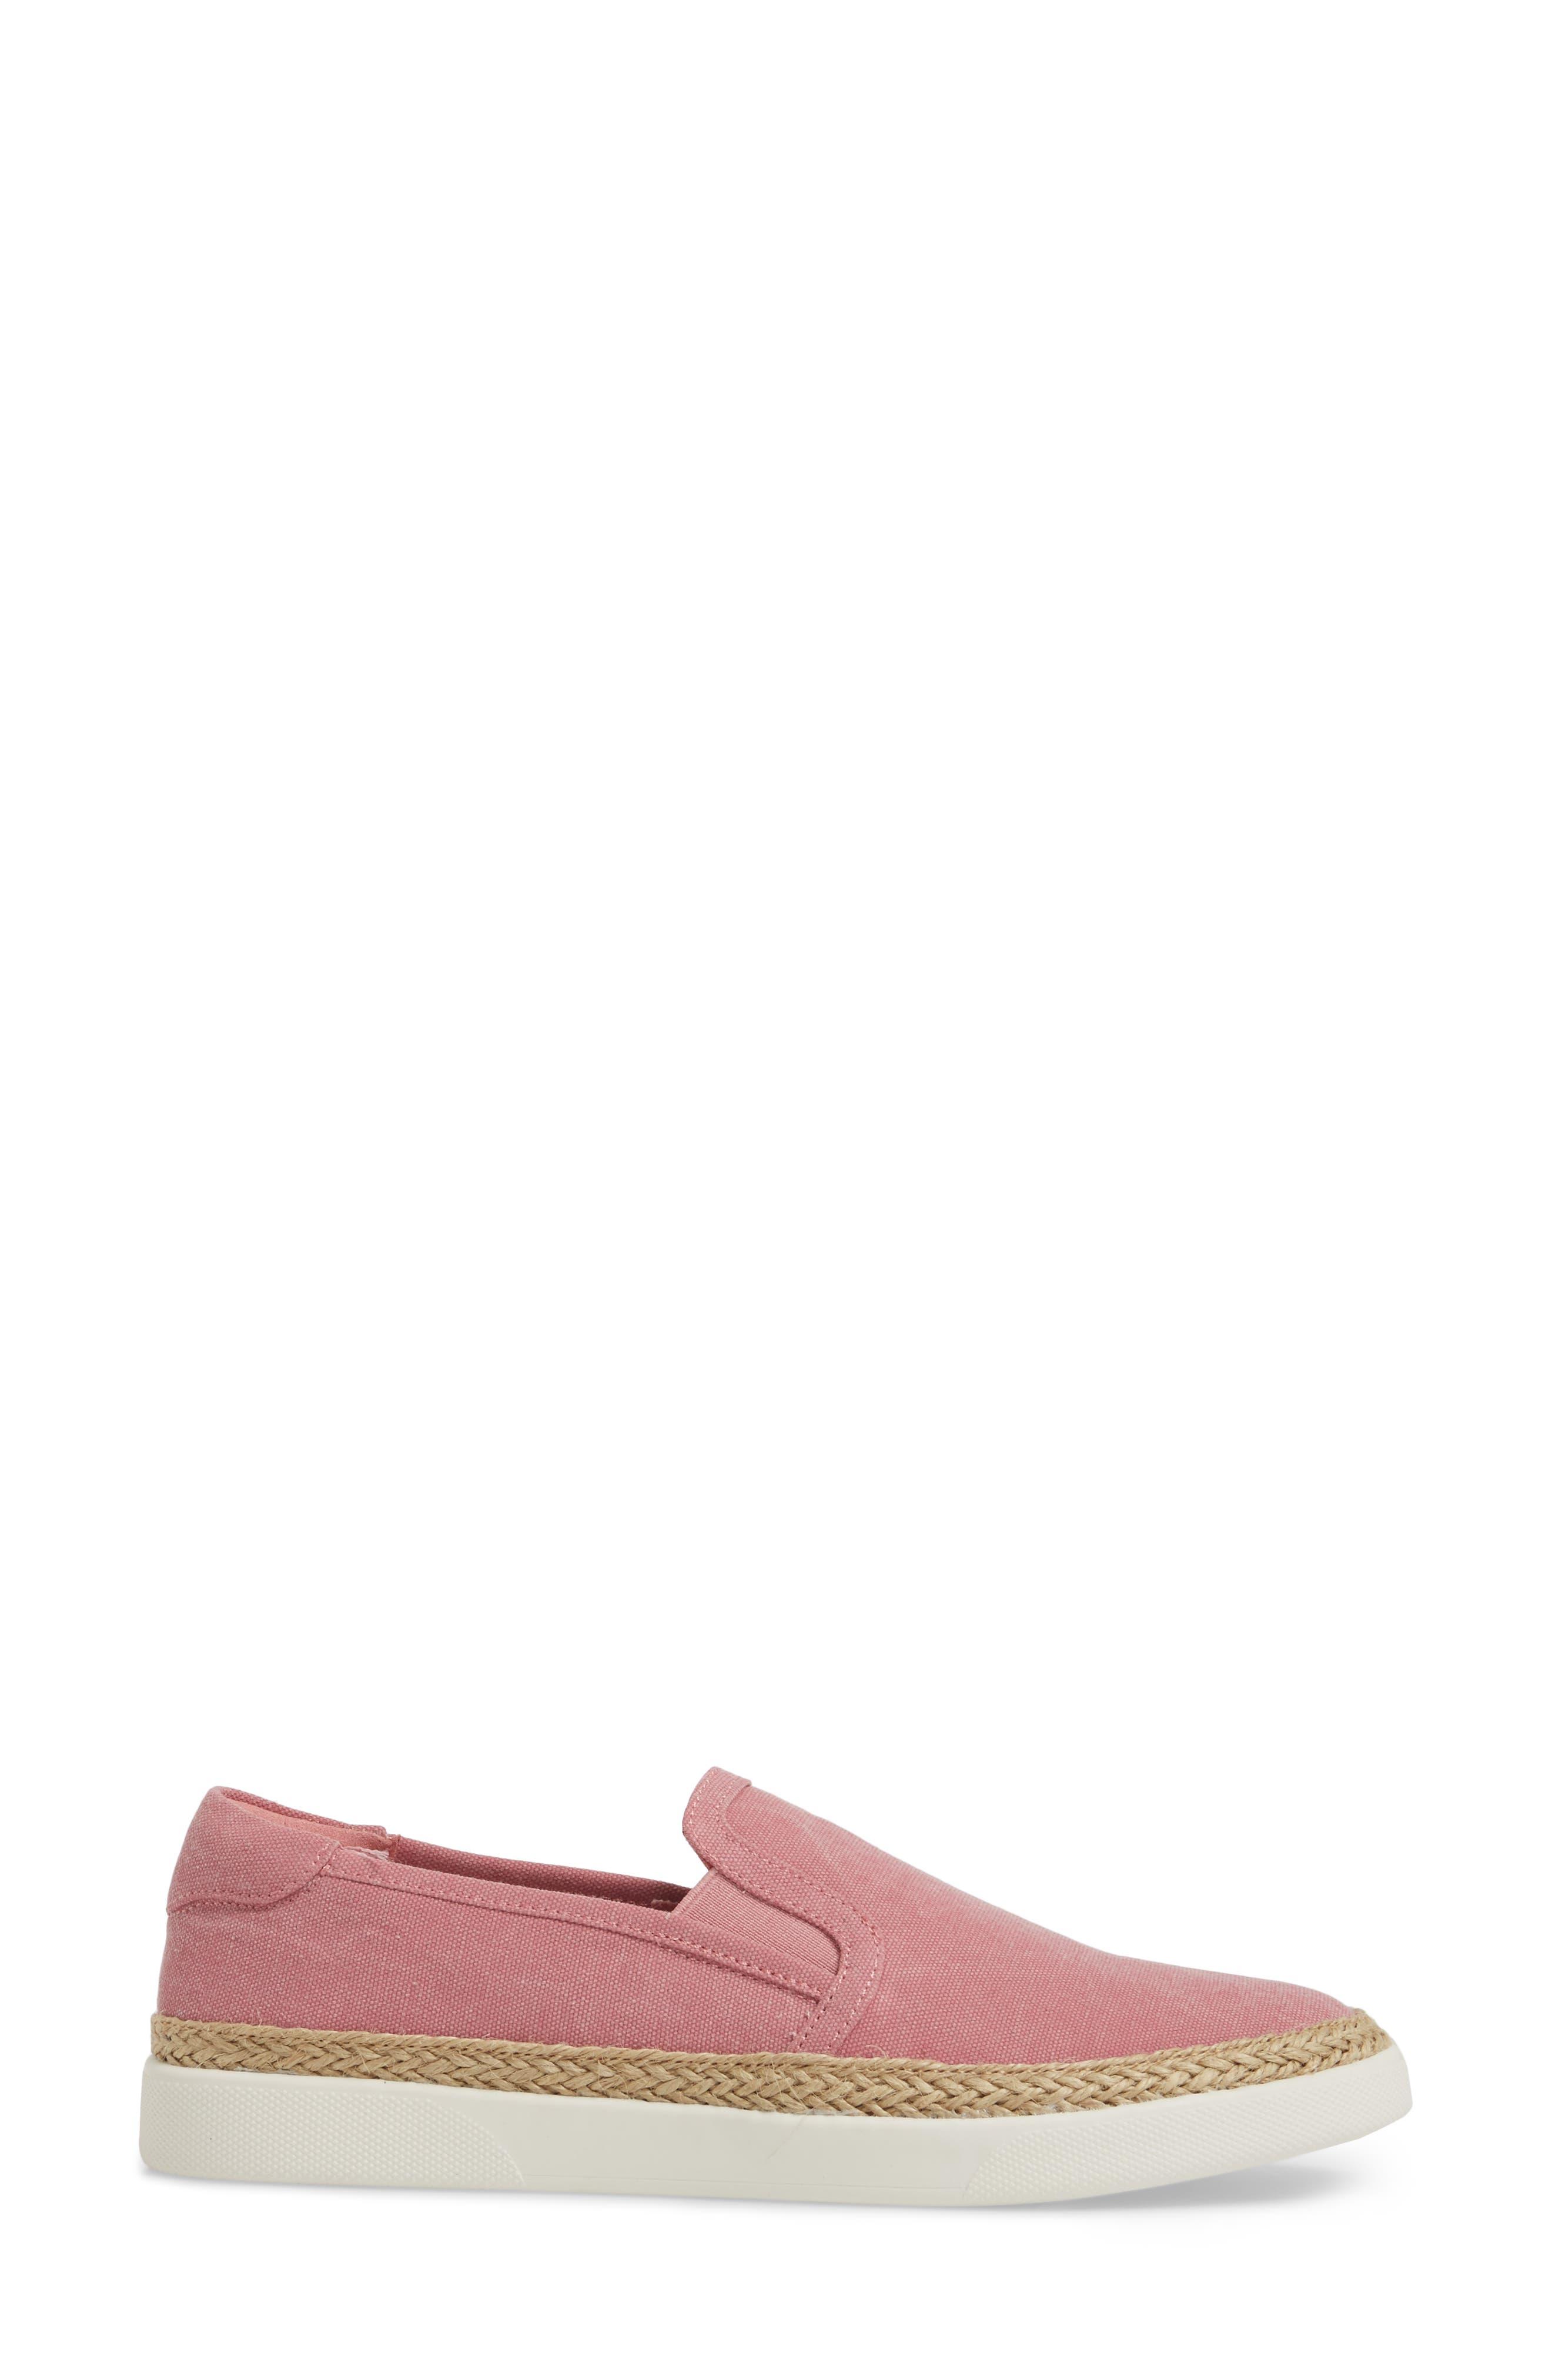 Rae Slip-On Sneaker,                             Alternate thumbnail 3, color,                             Light Pink Canvas